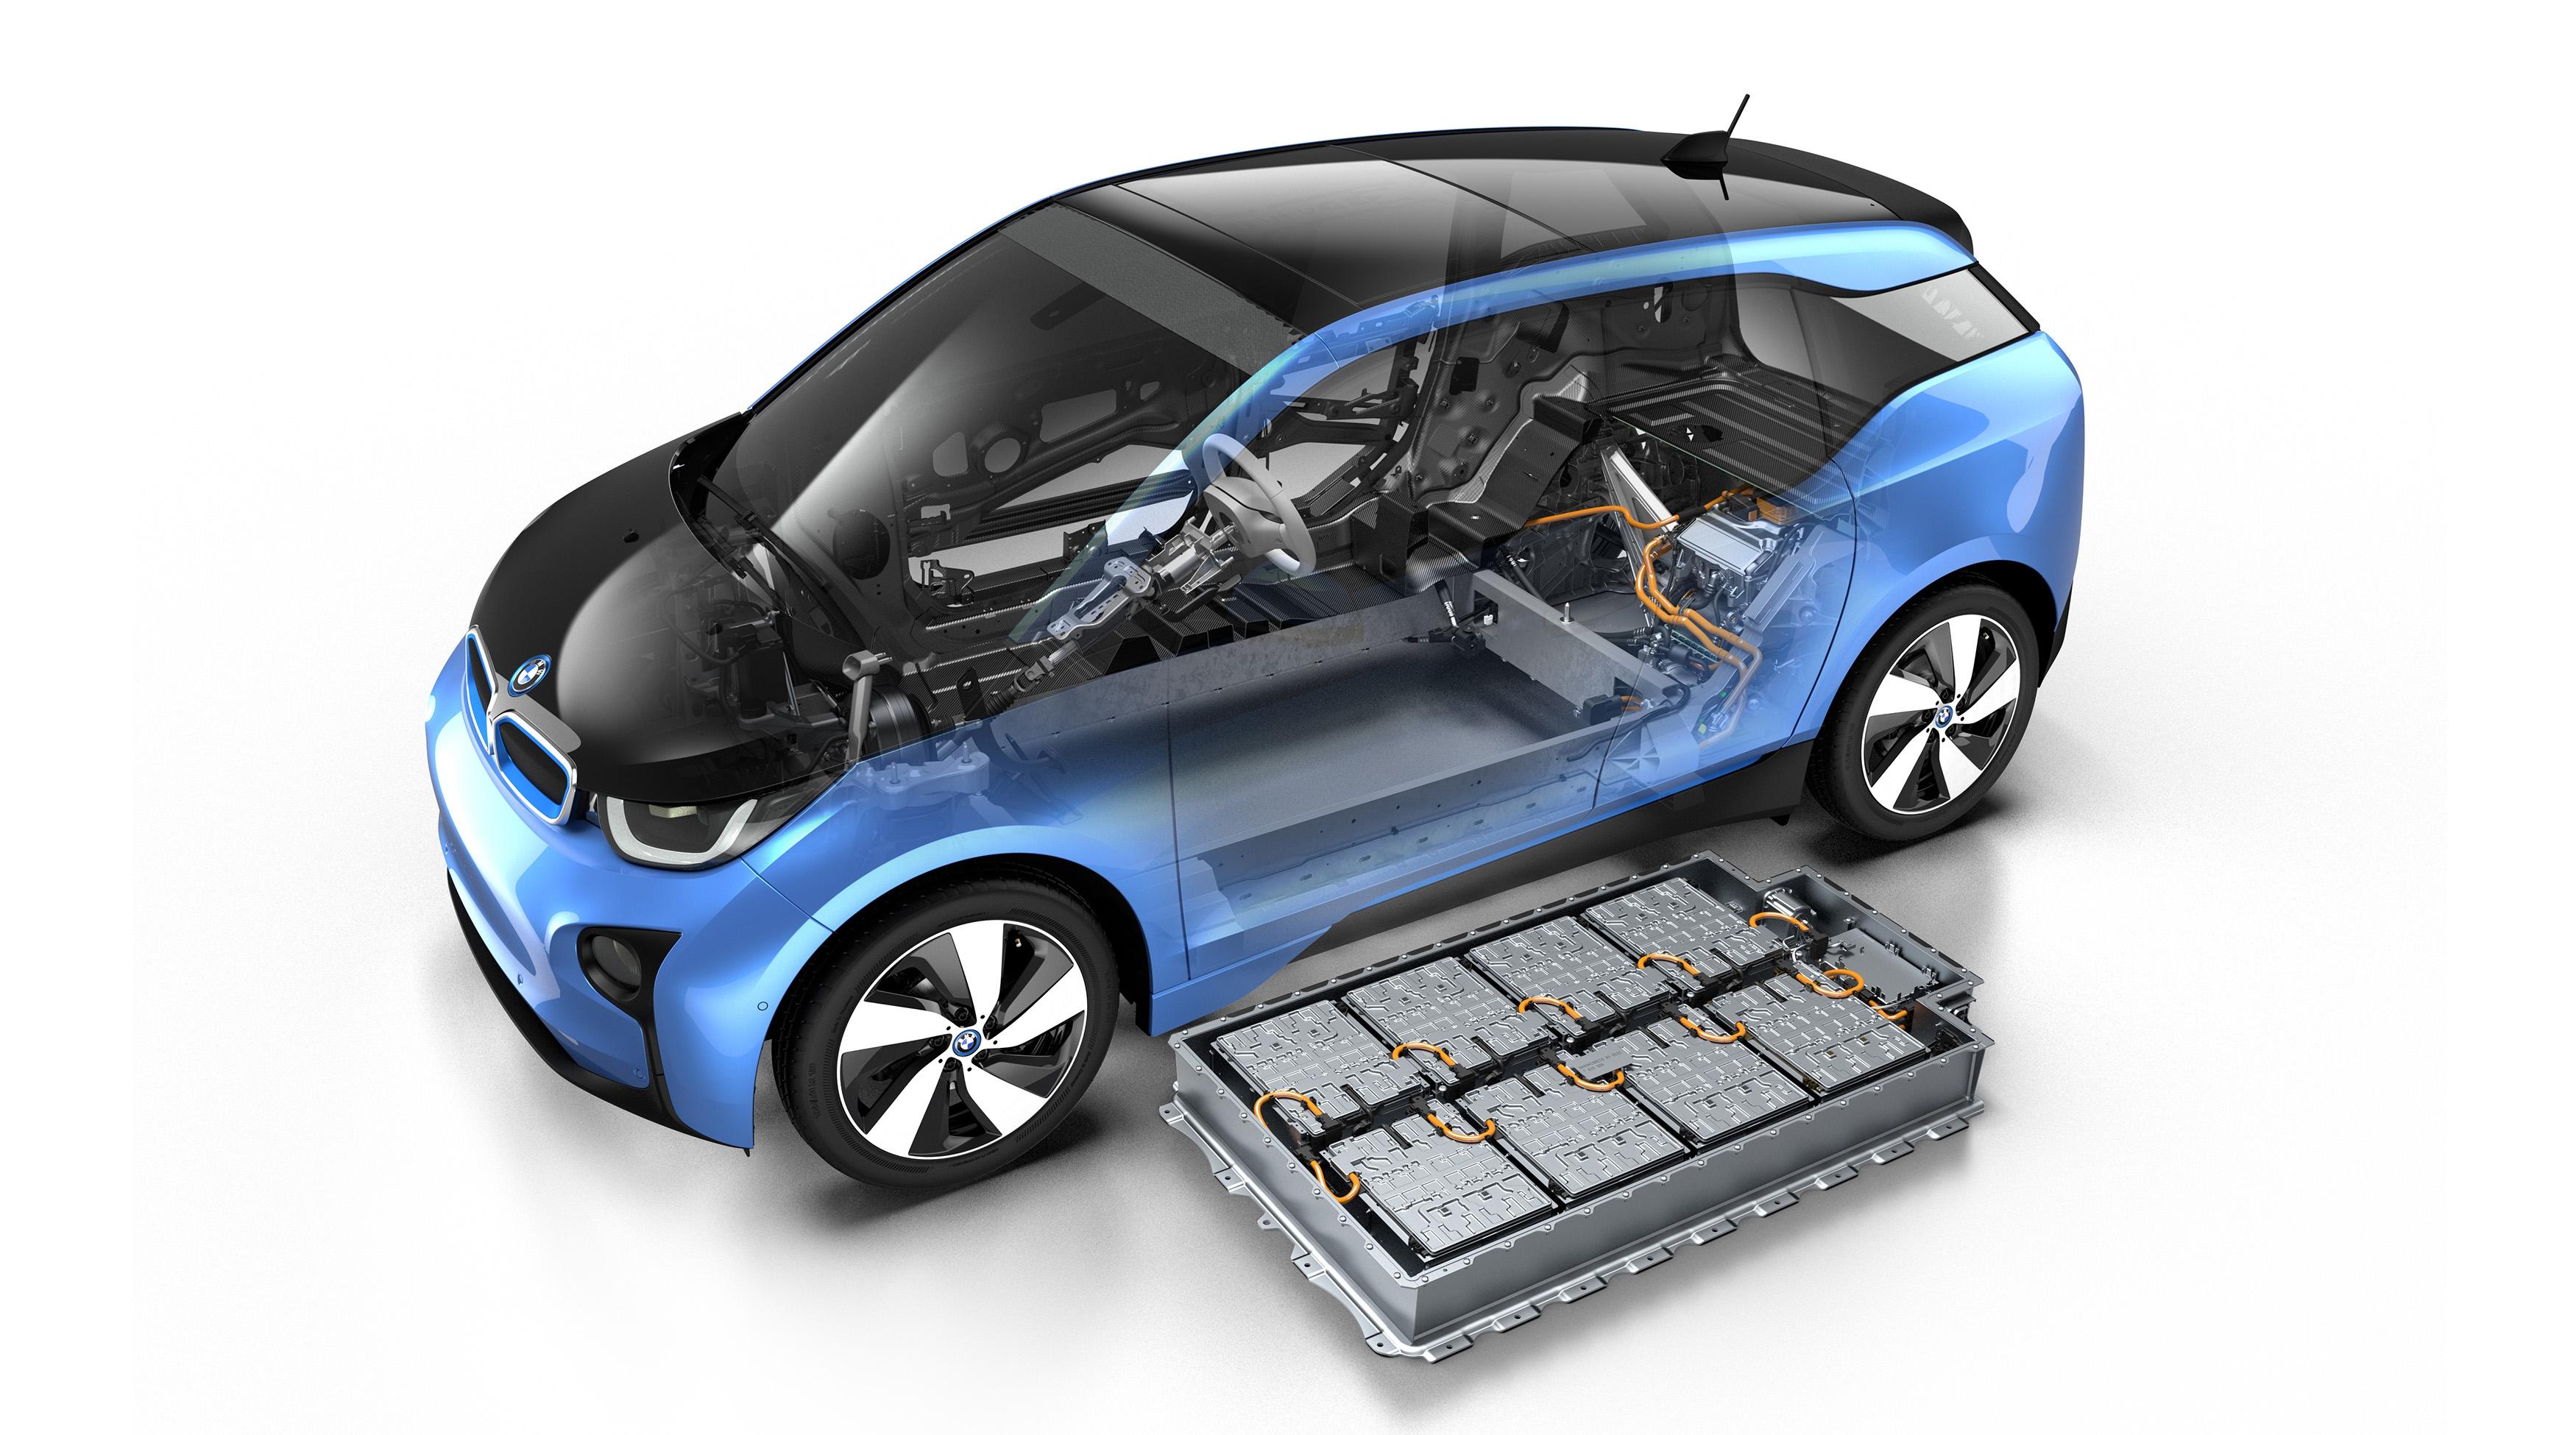 В BMW не будут утилизировать отслужившие батареи от электрокара i3 2